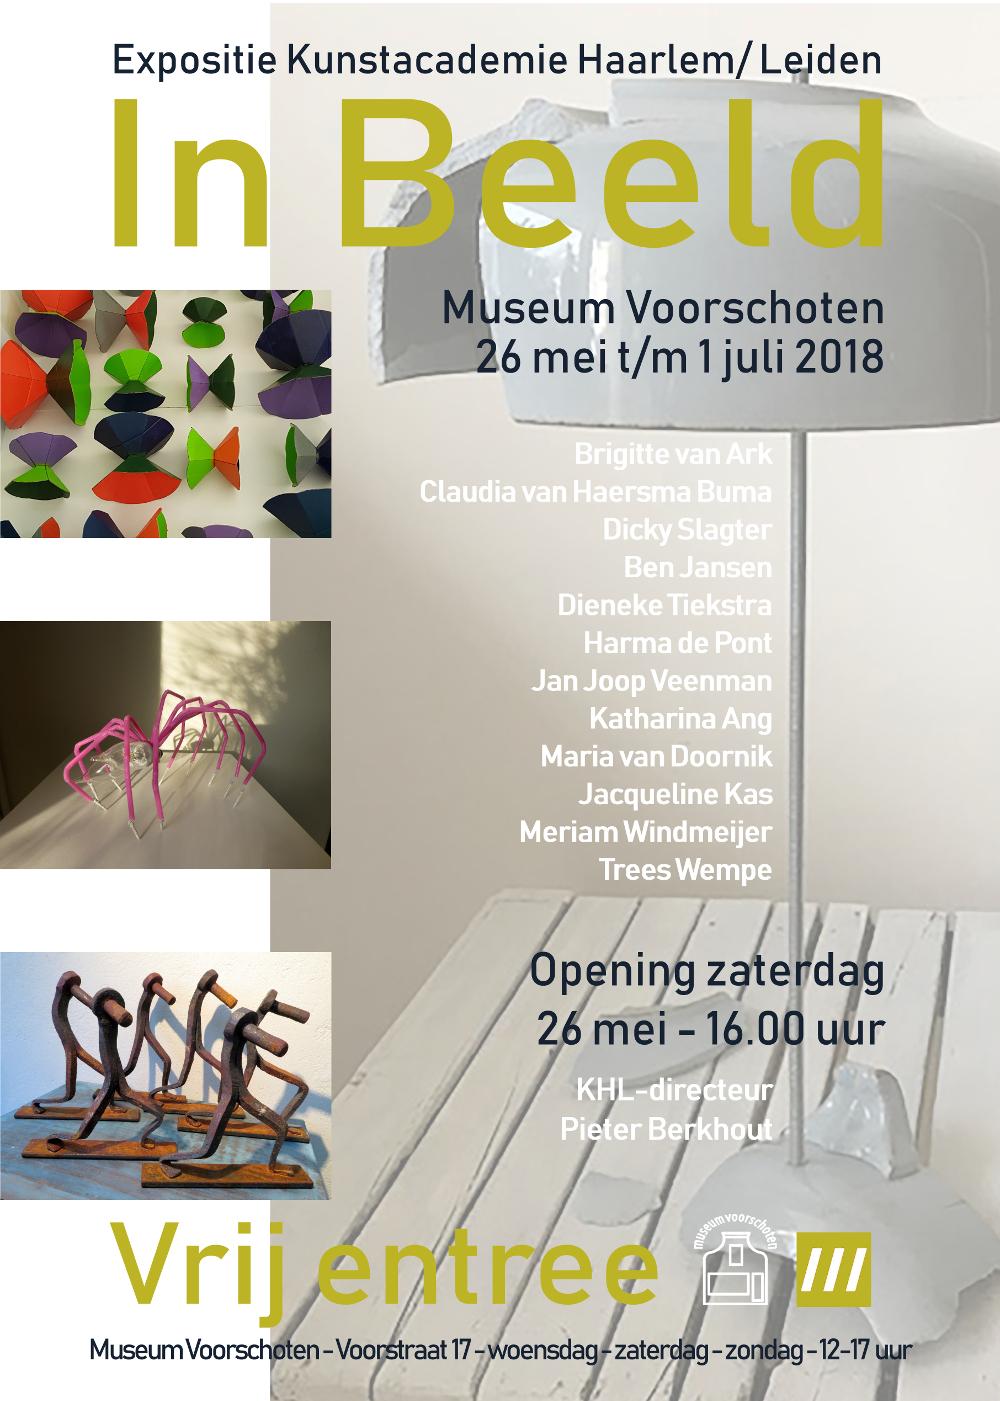 Kunstacademie Haarlem/Leiden